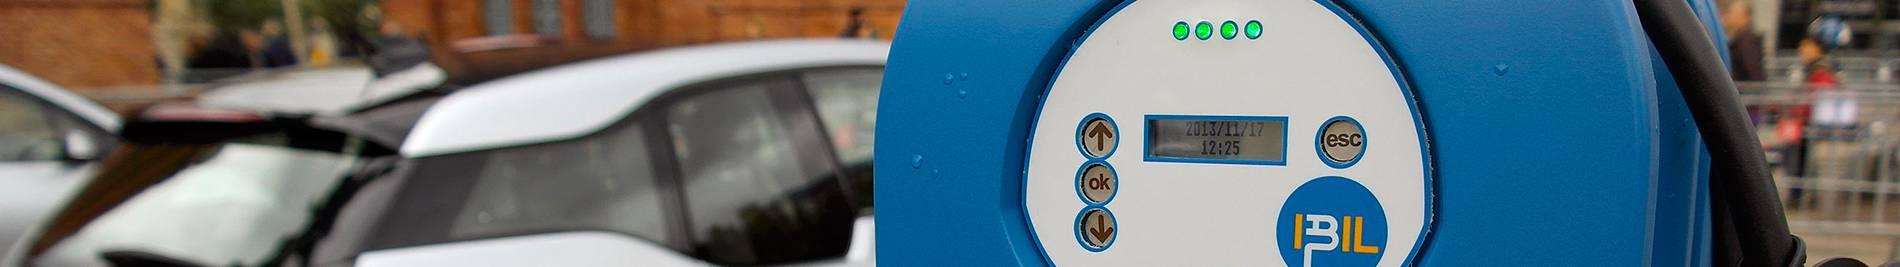 Punt de recàrrega de cotxes elèctrics